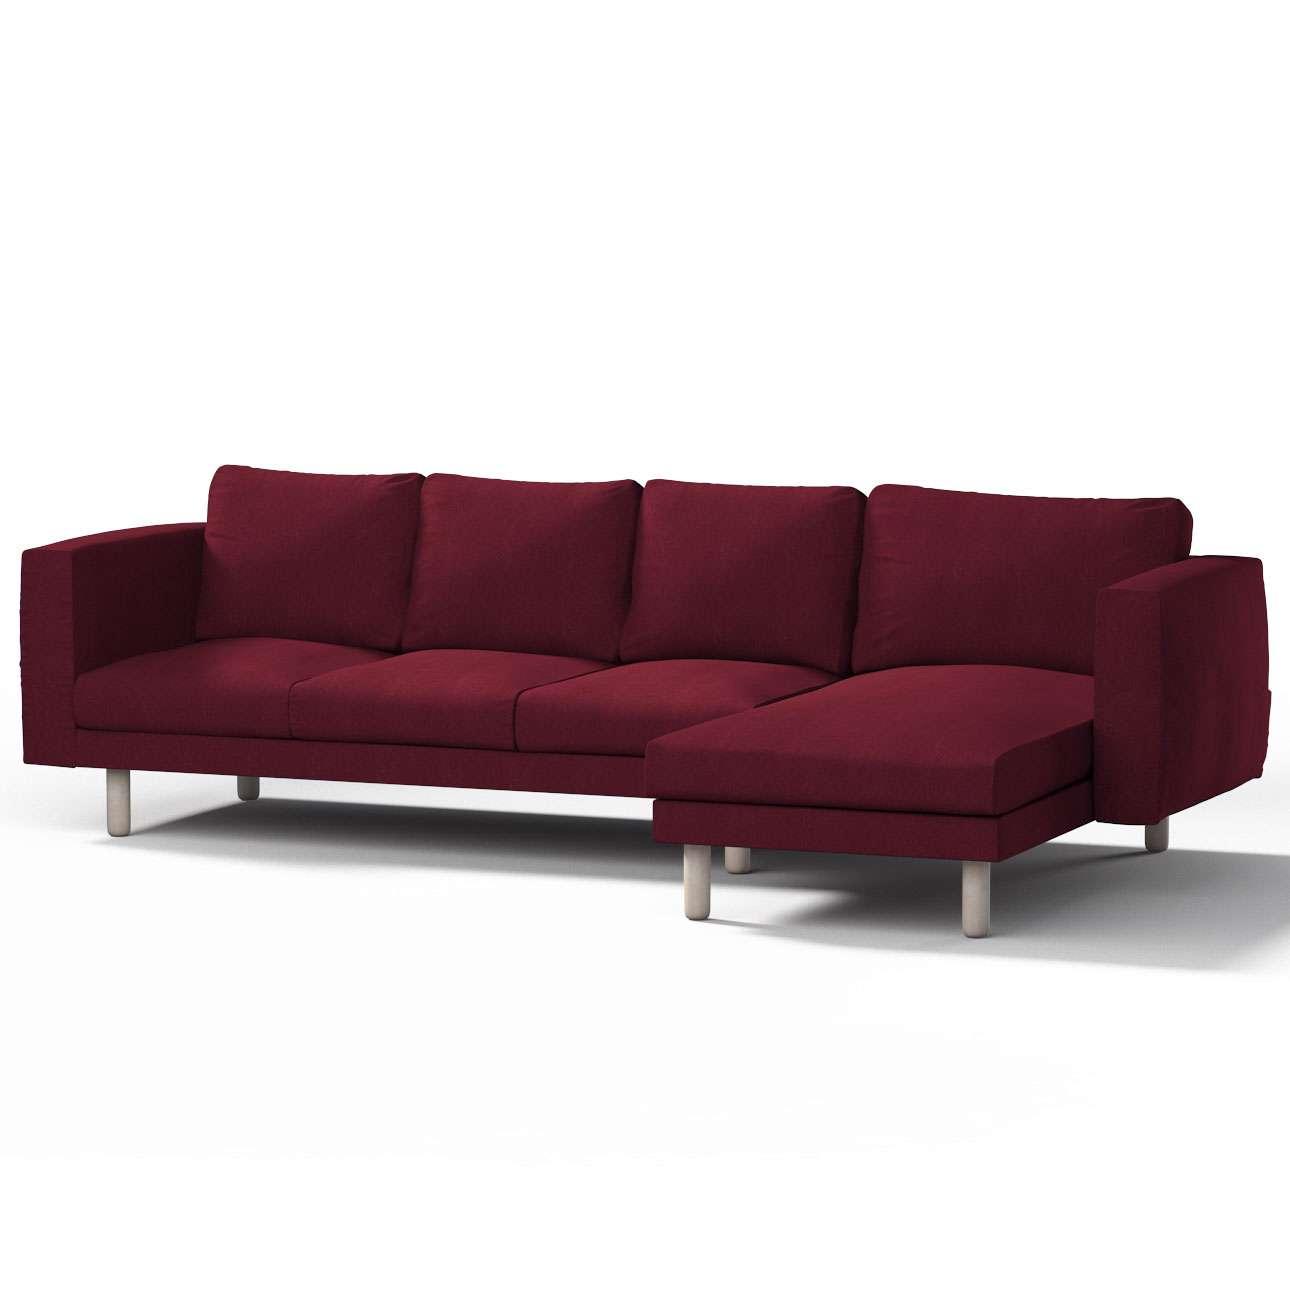 Pokrowiec na sofę Norsborg 4-osobową z szezlongiem w kolekcji Chenille, tkanina: 702-19